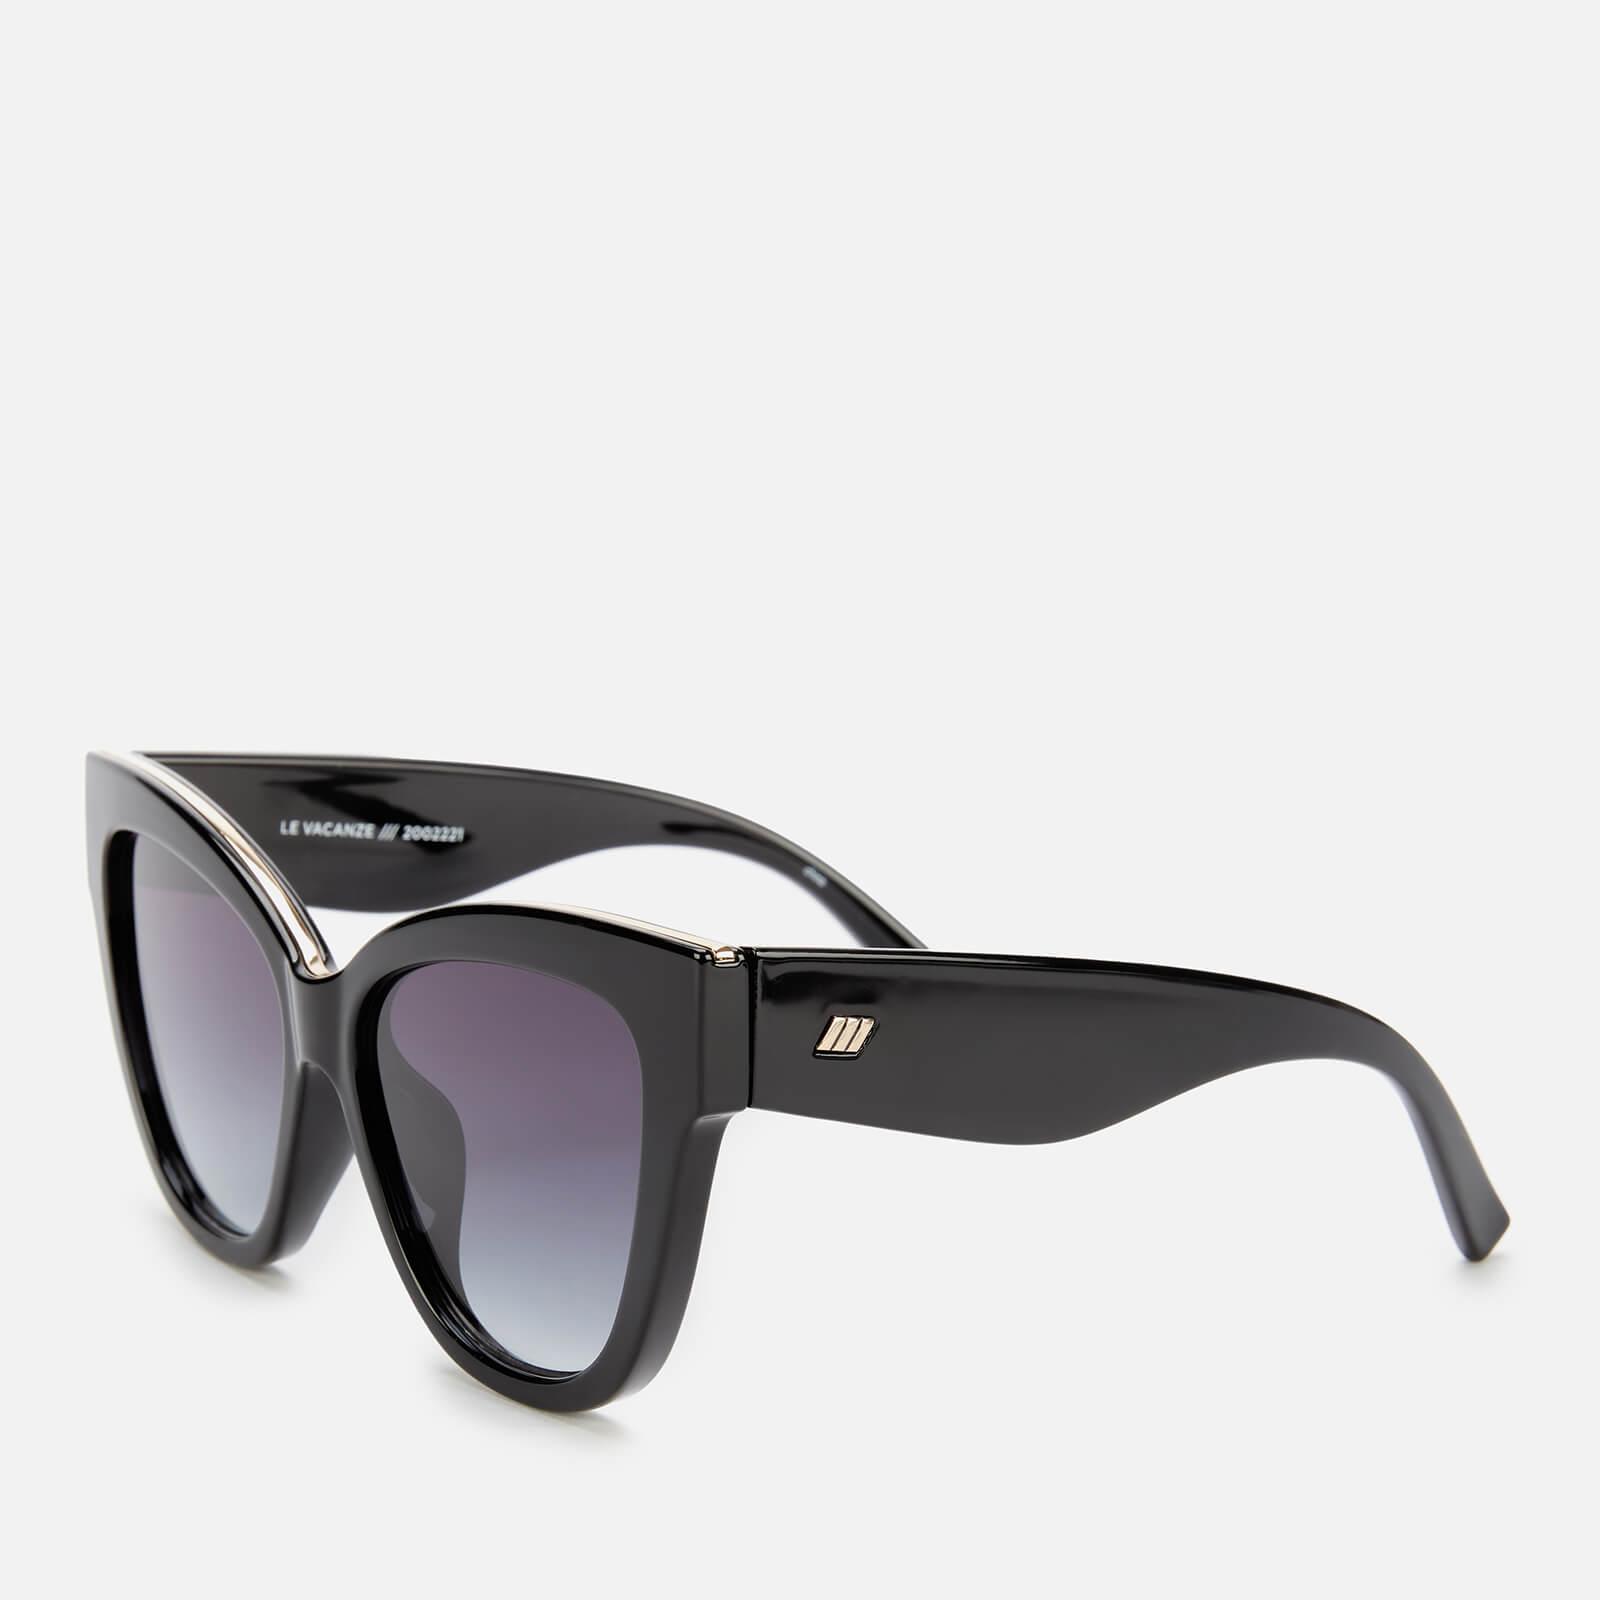 Le Specs Women's Le Vacanze Cat Eye Sunglasses - Black/Gold